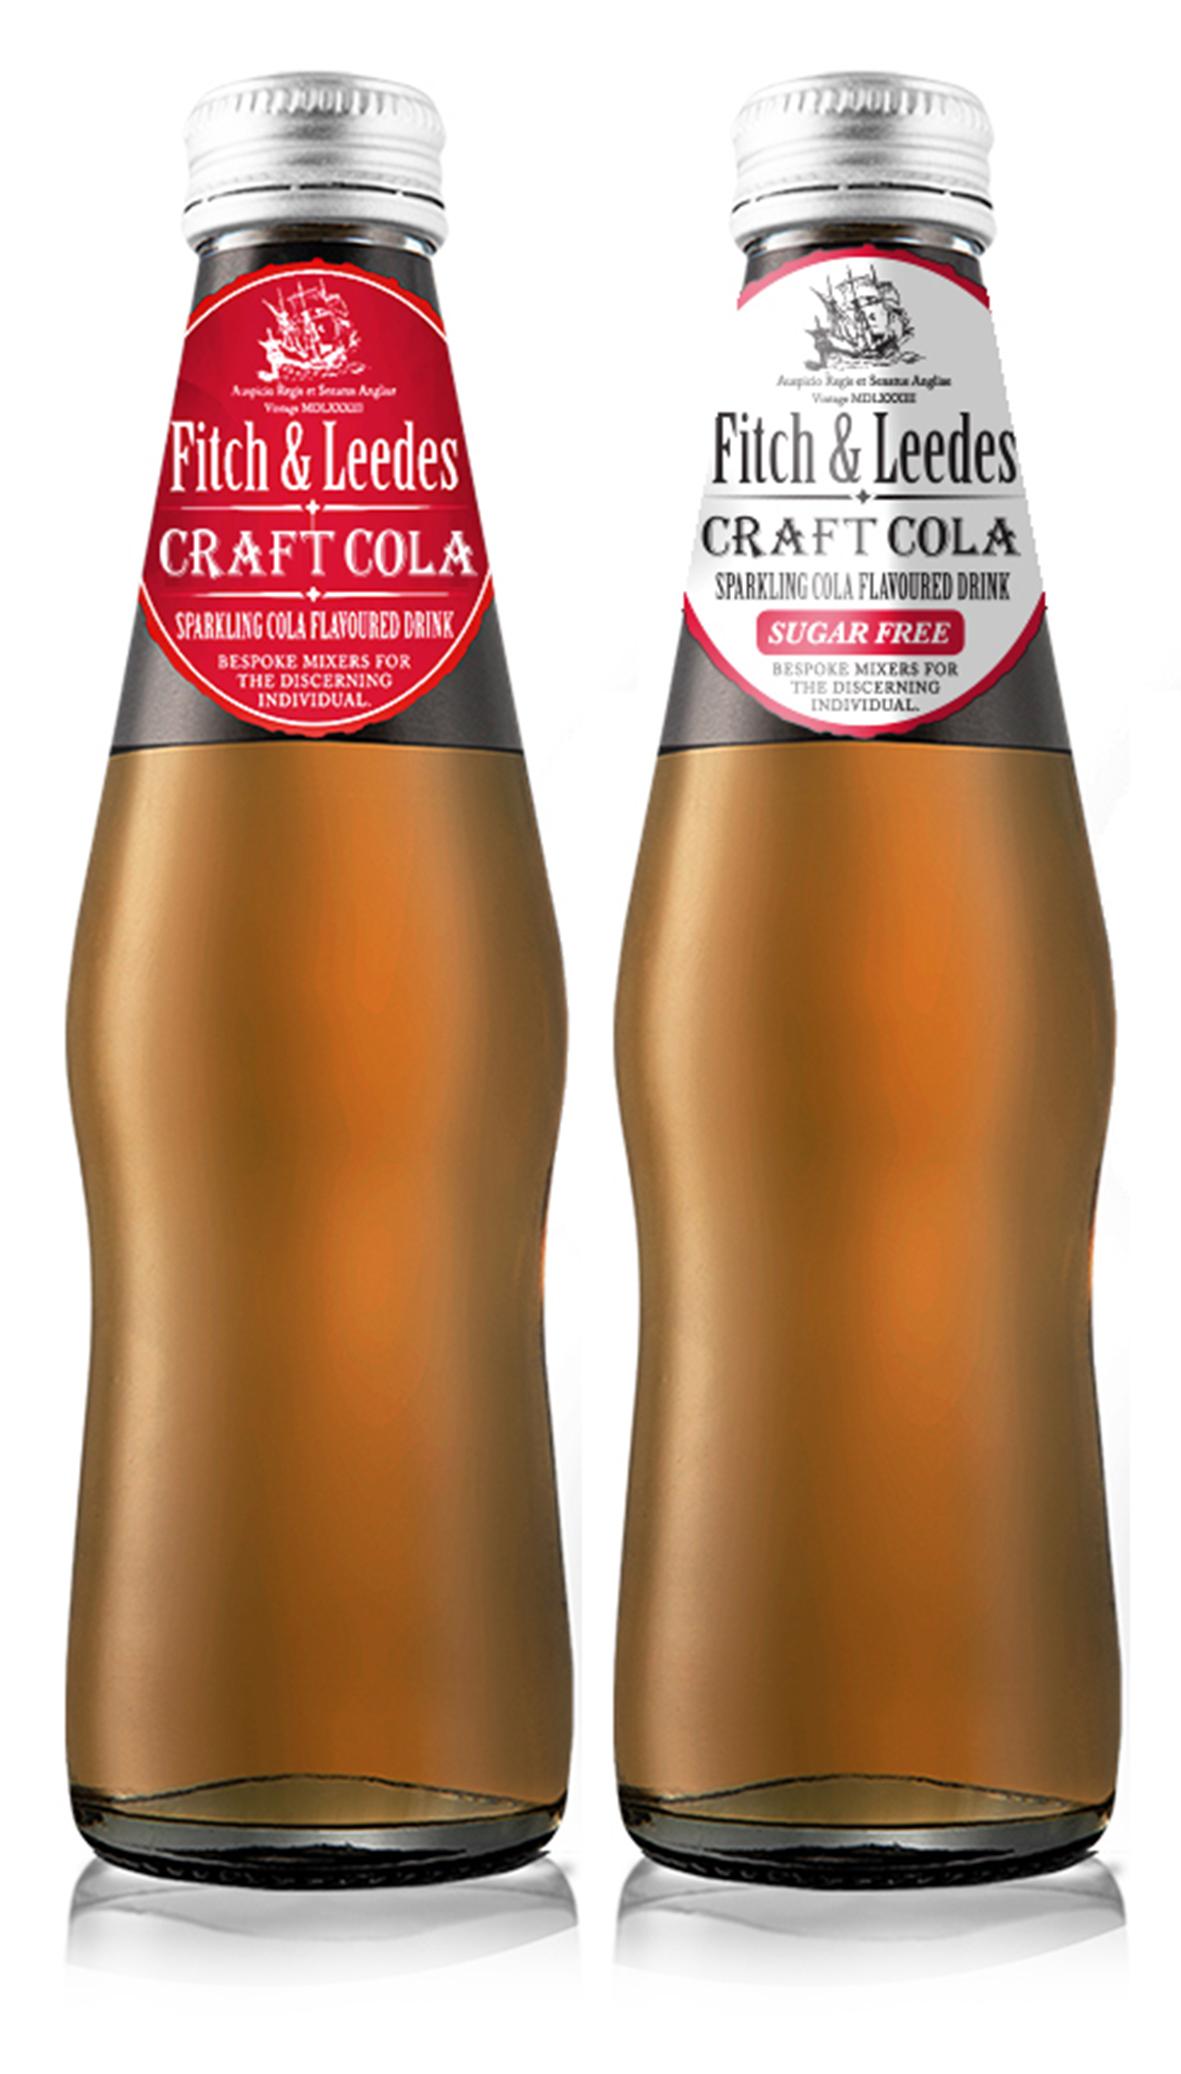 A New Cola Mixer photo